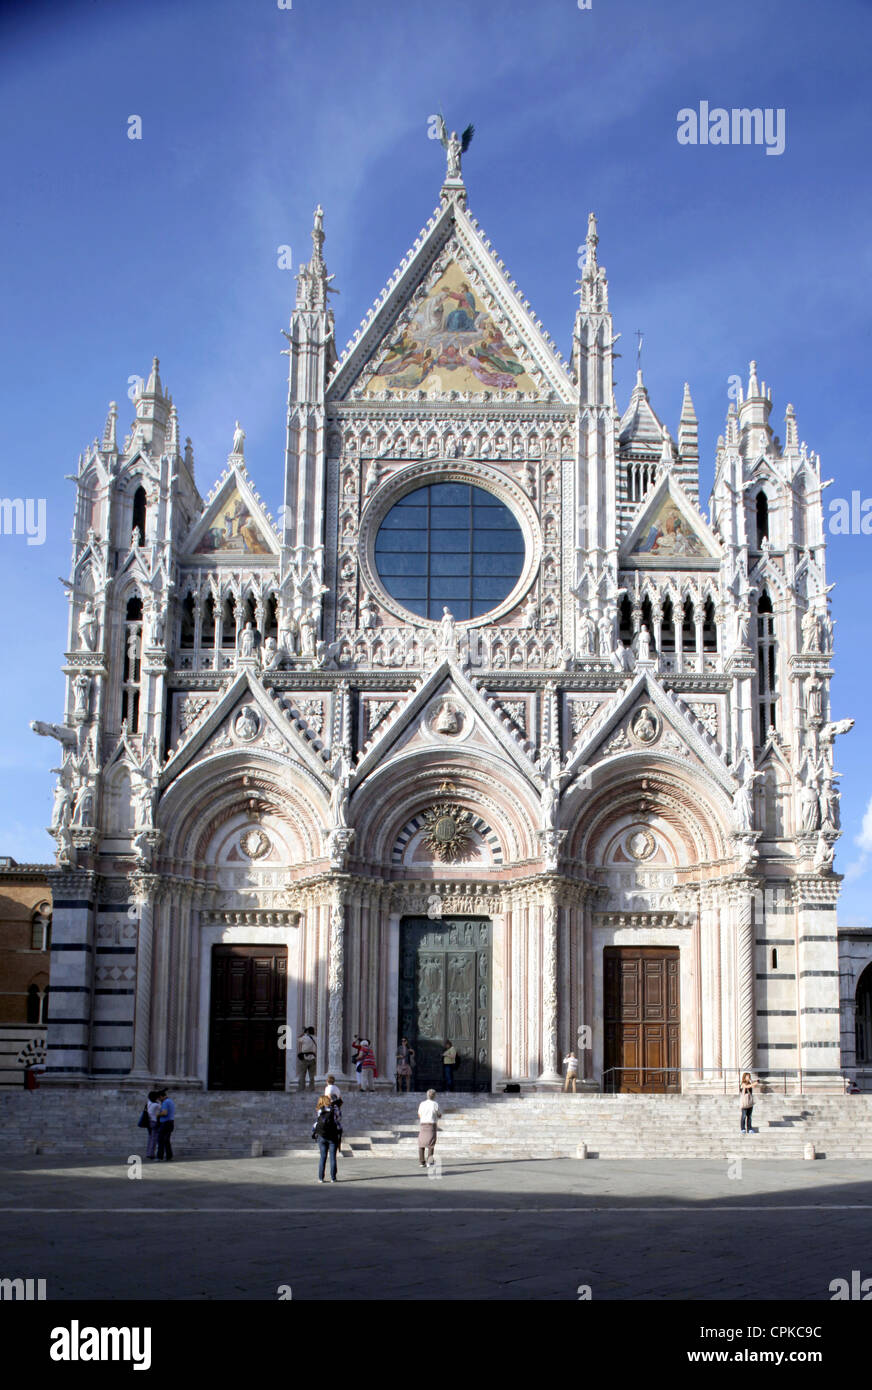 La fachada principal de la catedral de Siena SIENA TOSCANA ITALIA 10 de mayo de 2012 Imagen De Stock